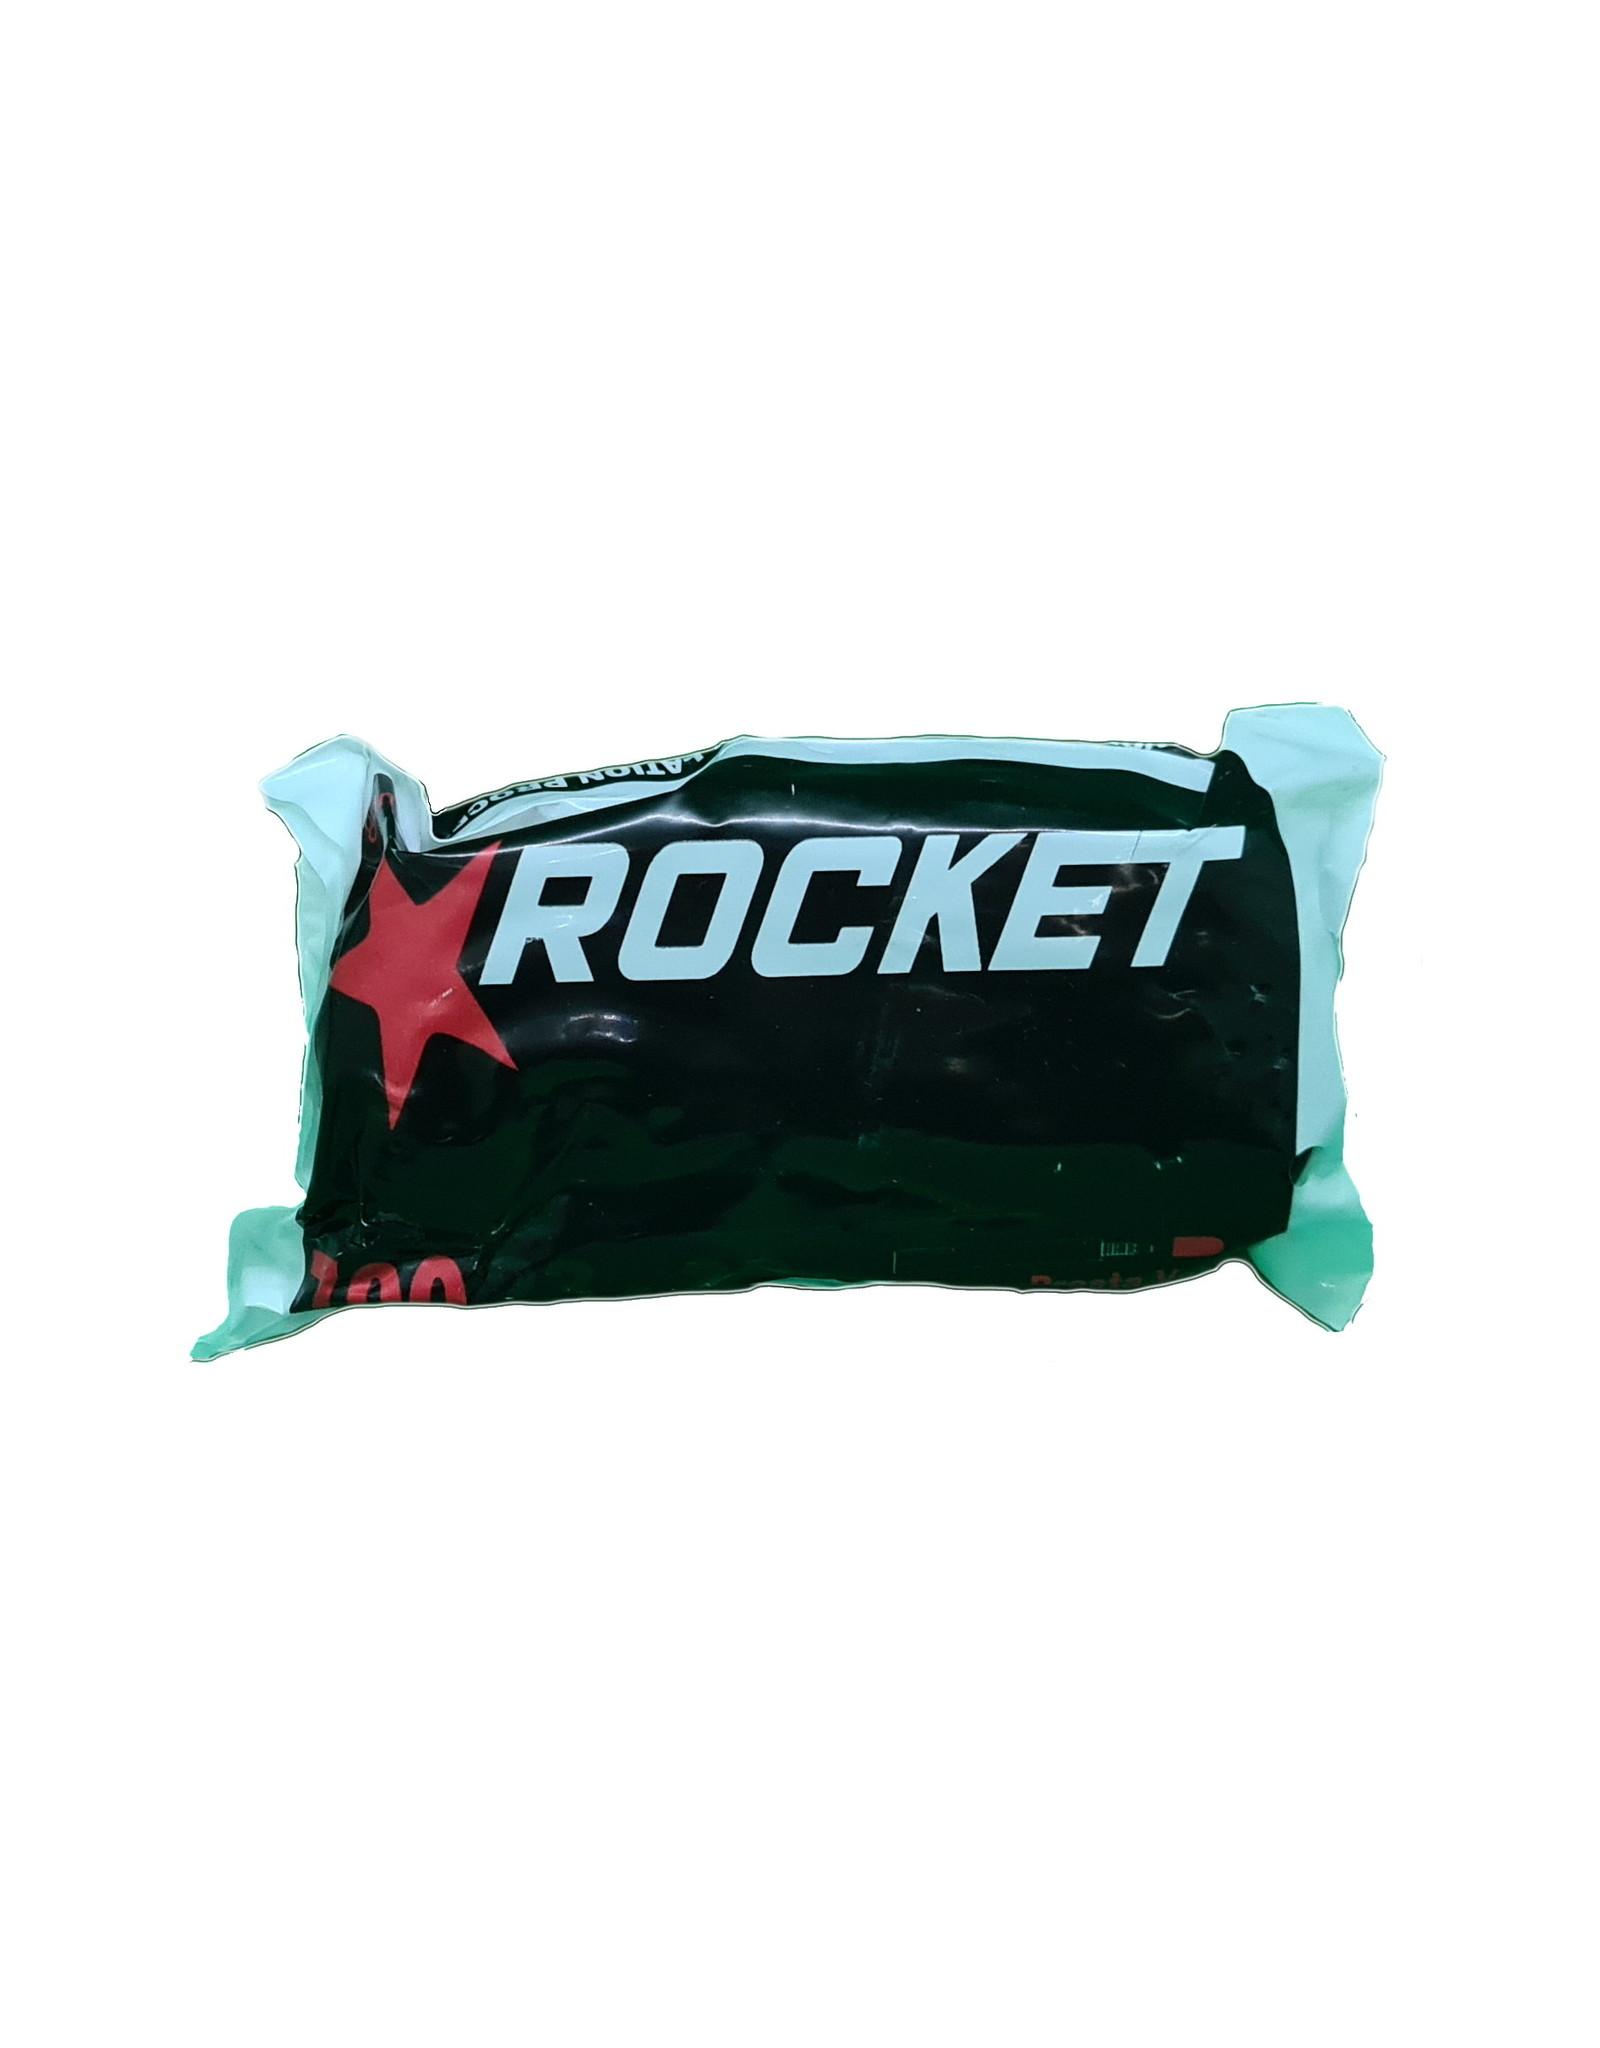 Rocket Tube 700c X 23/28mm Presta Valve 48mm